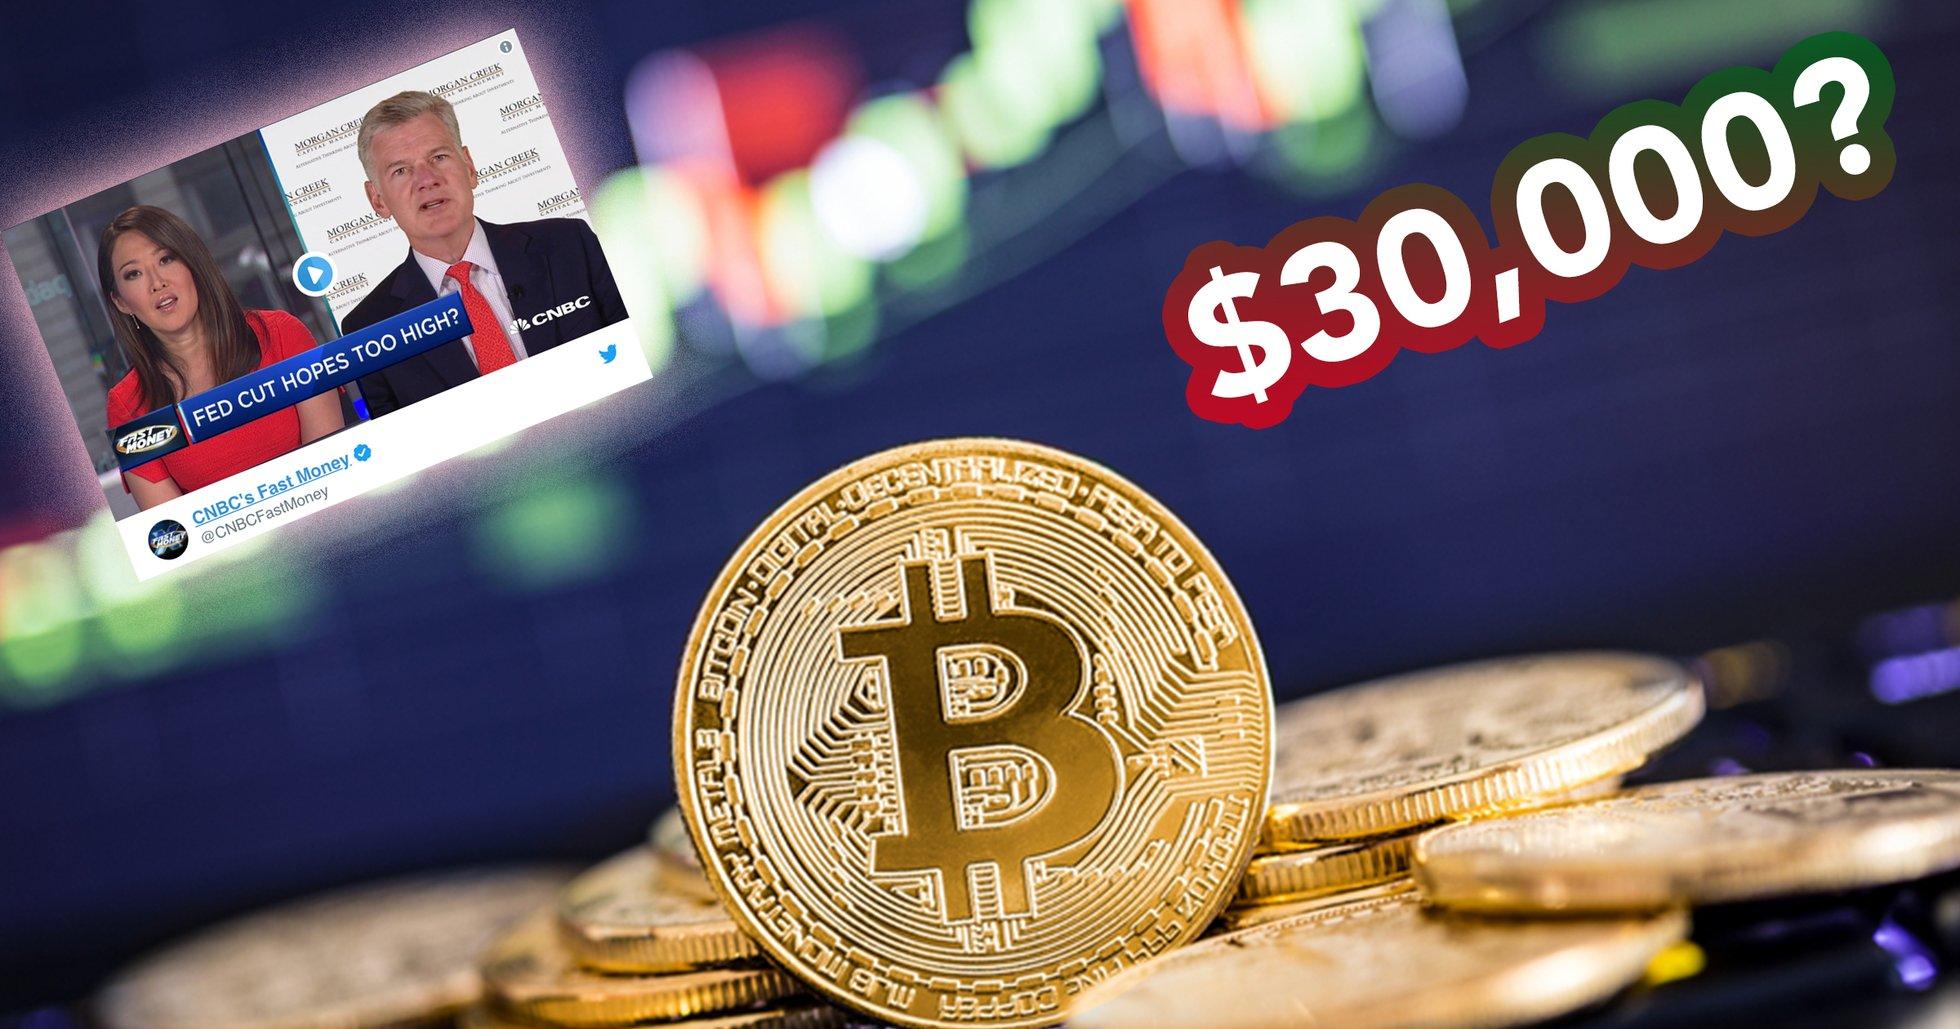 Finansprofilen: Nu går bitcoin mot ett pris på 30 000 dollar